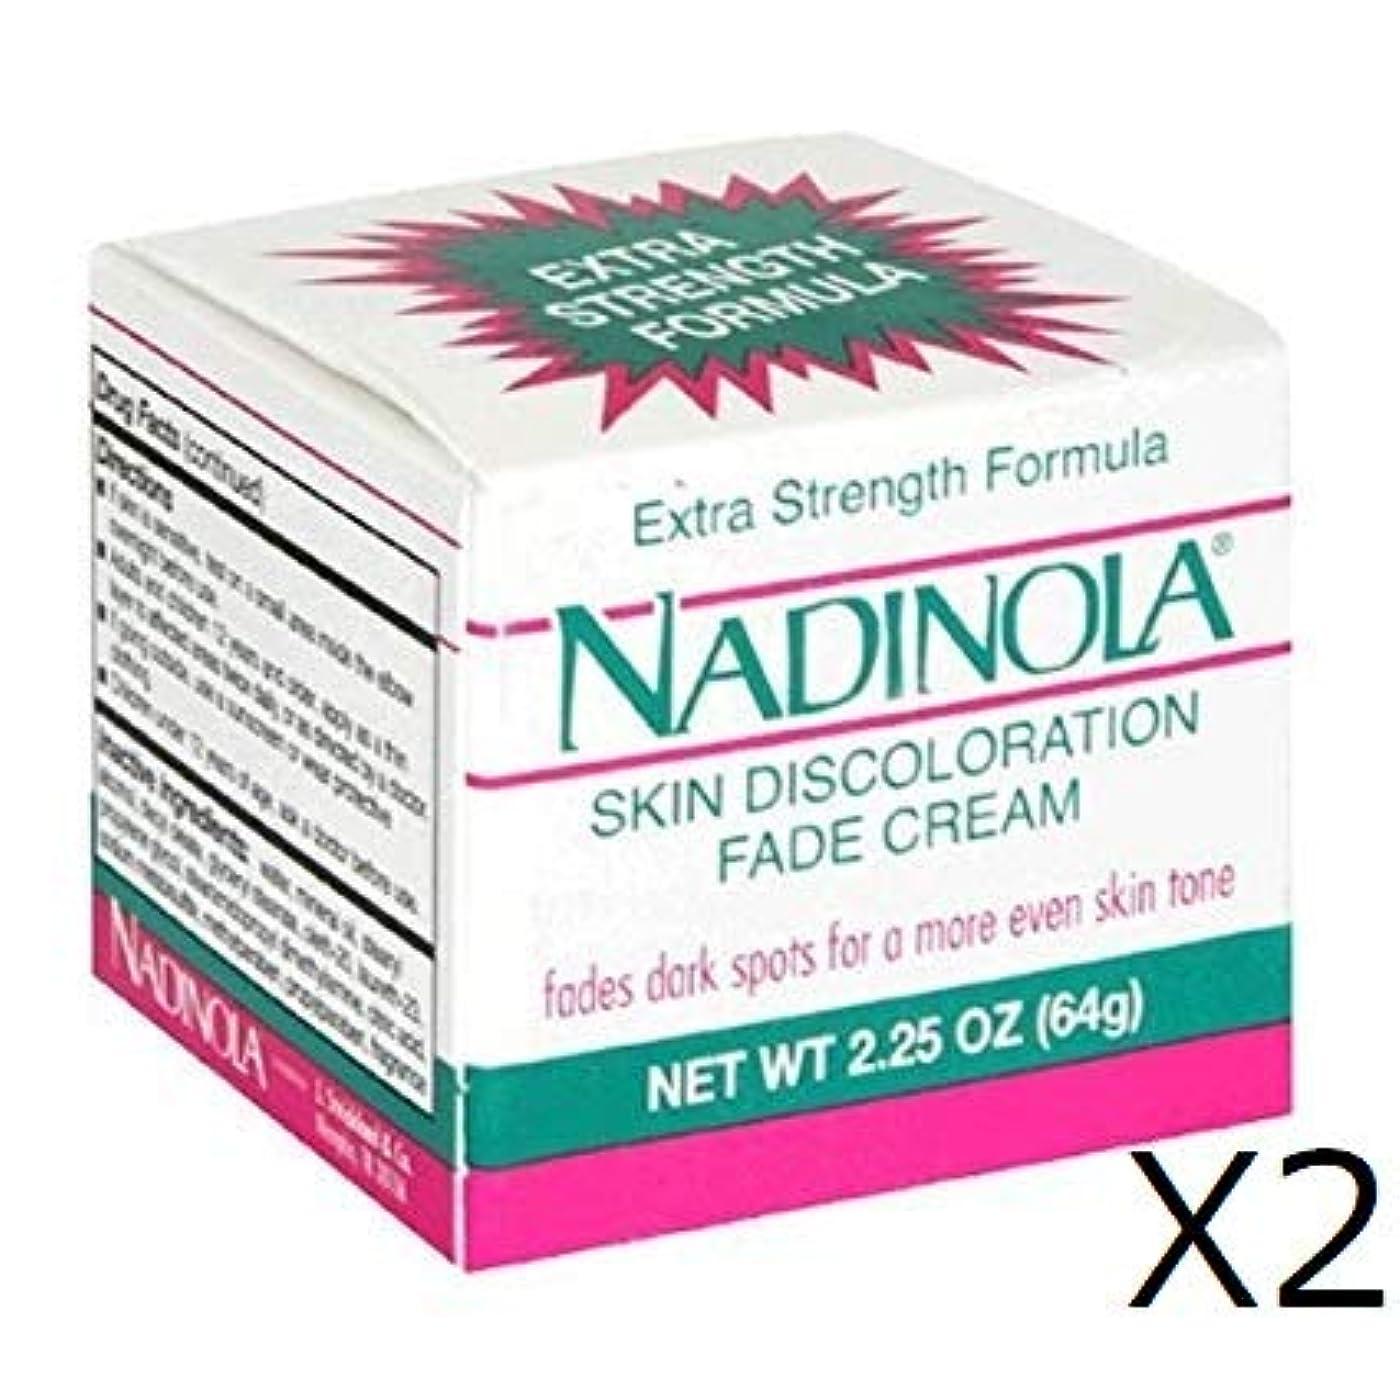 プロテスタントダッシュ驚いたことにNadinola Discoloration Fade Cream 2.25oz Extra Strength (64gX2個)